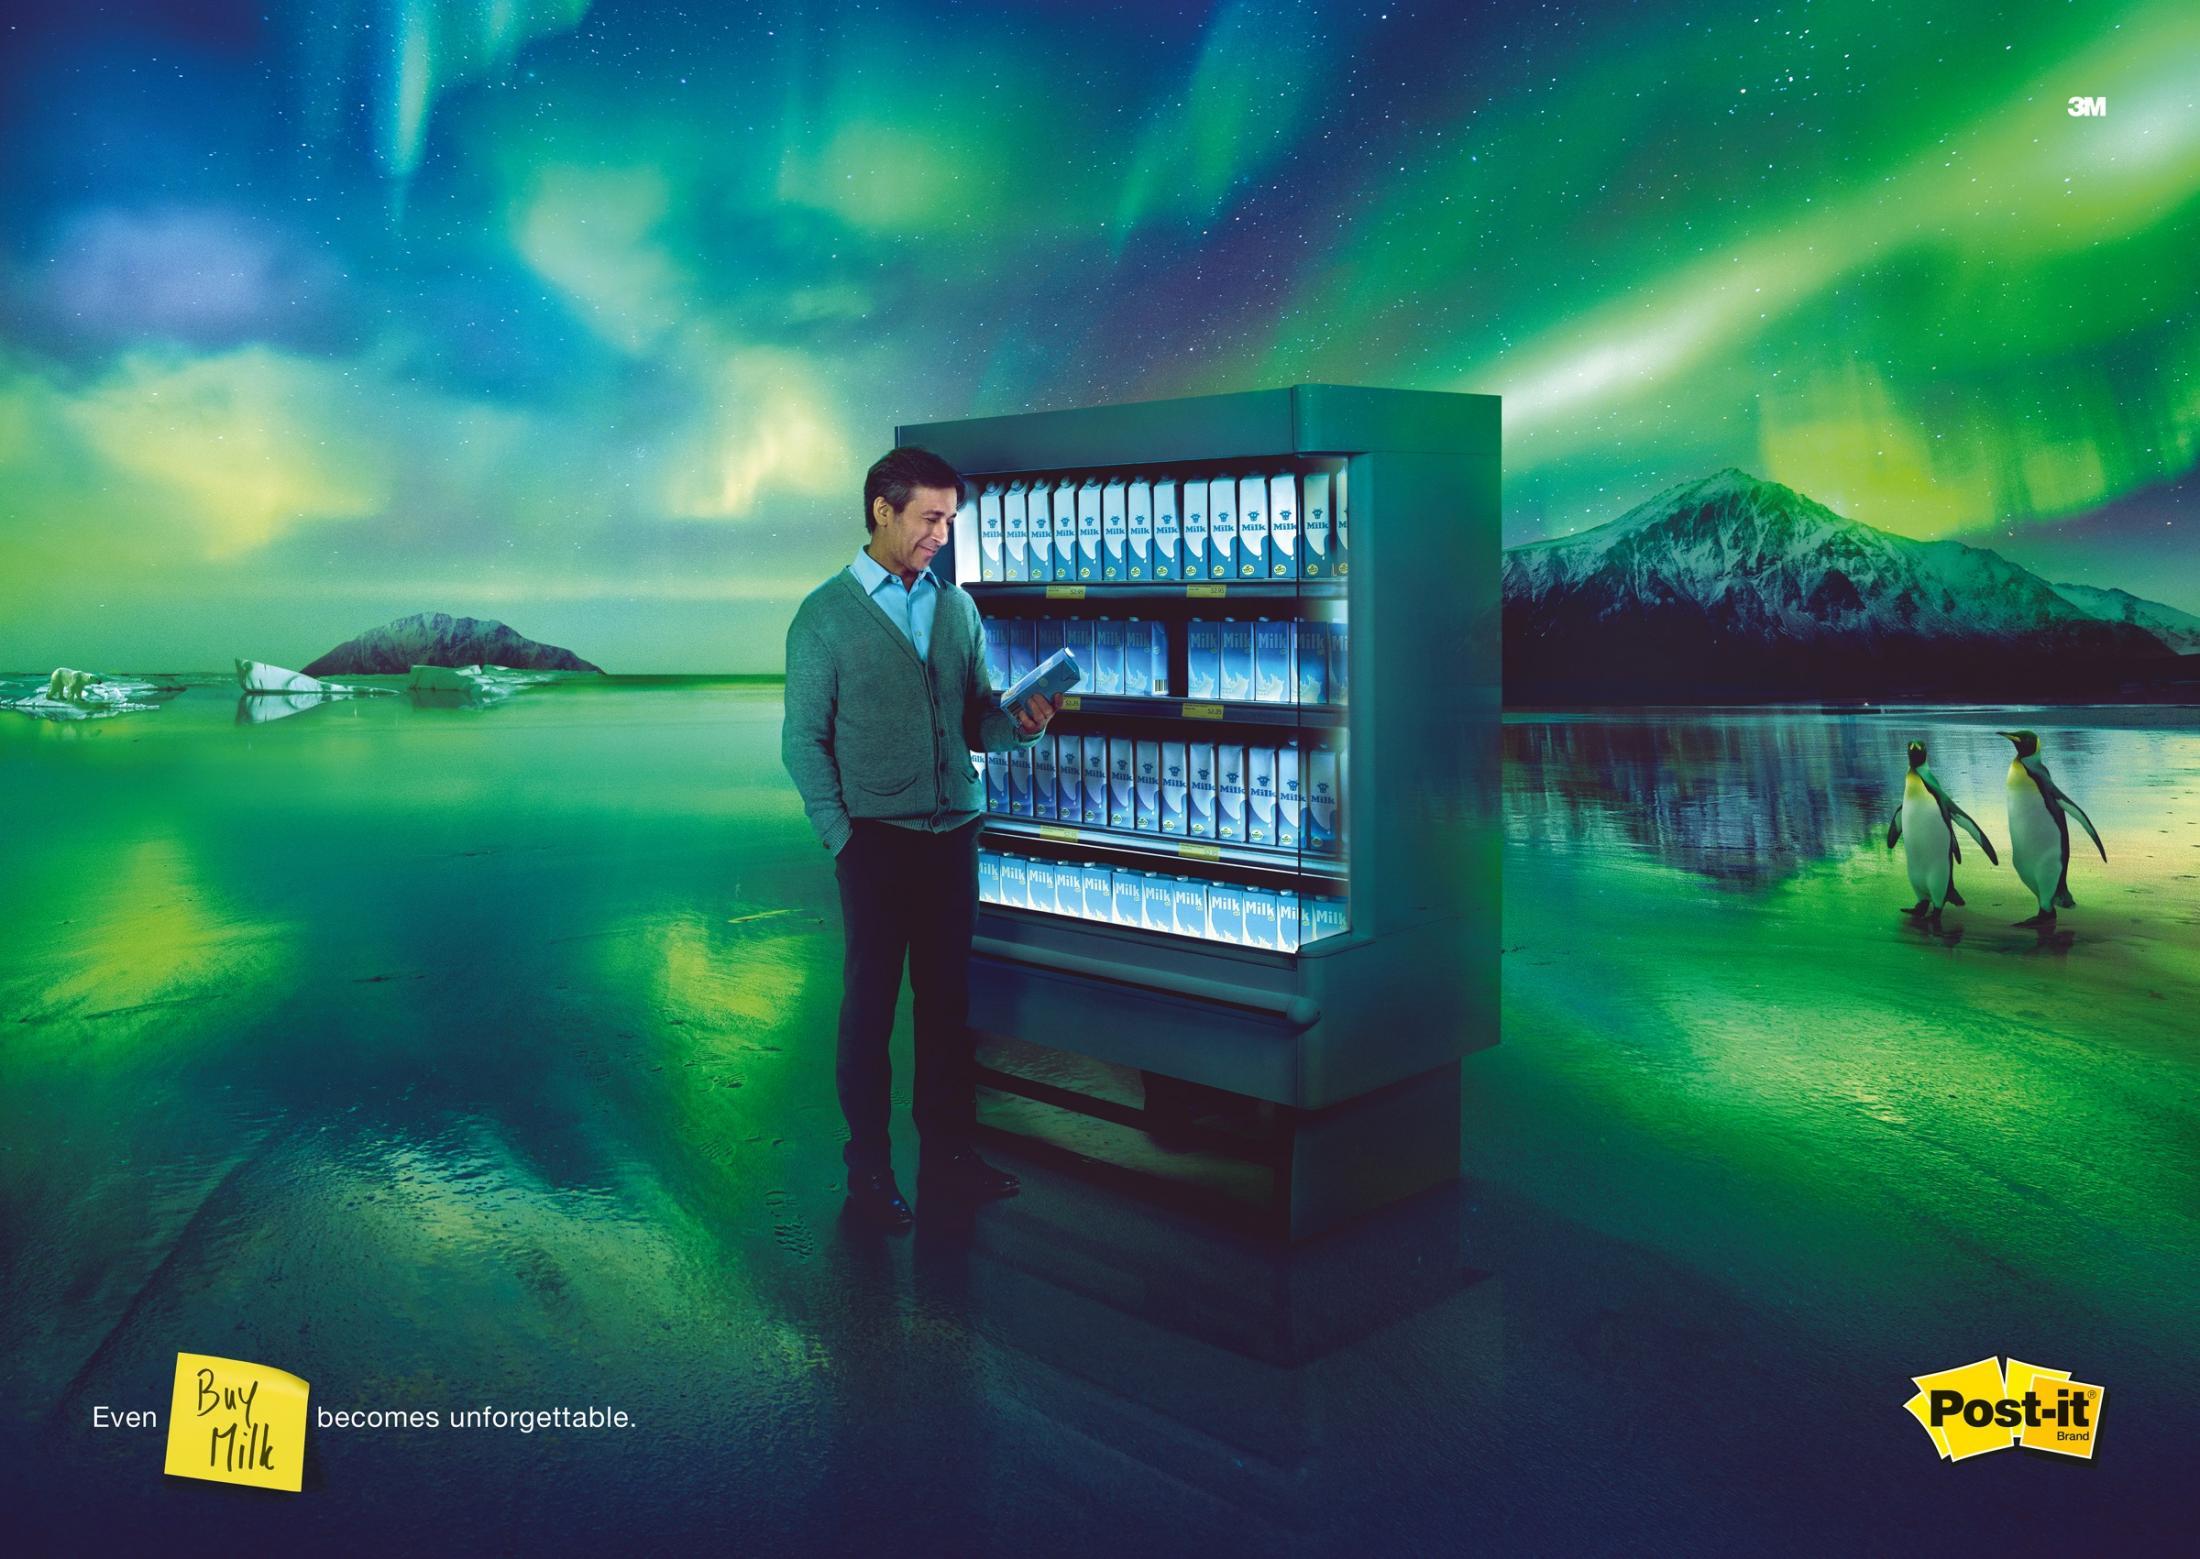 Post-it Brand Print Ad - Unforgettable - Milk